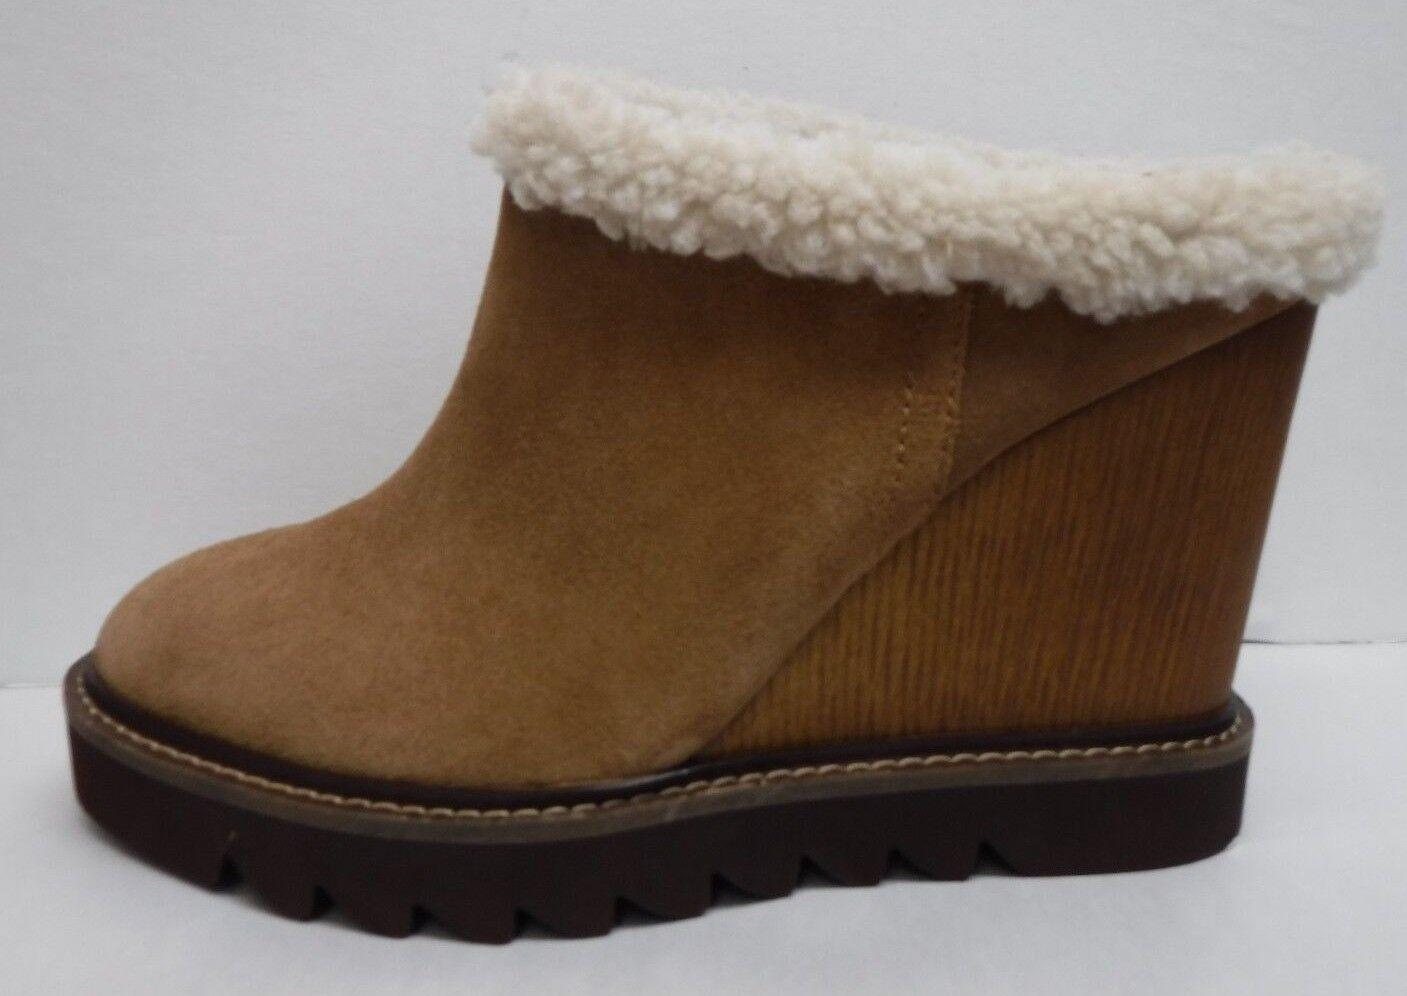 BCBG BCBGeneration Größe 8.5 Leder Ankle Wedge Stiefel NEU Damenschuhe Schuhes